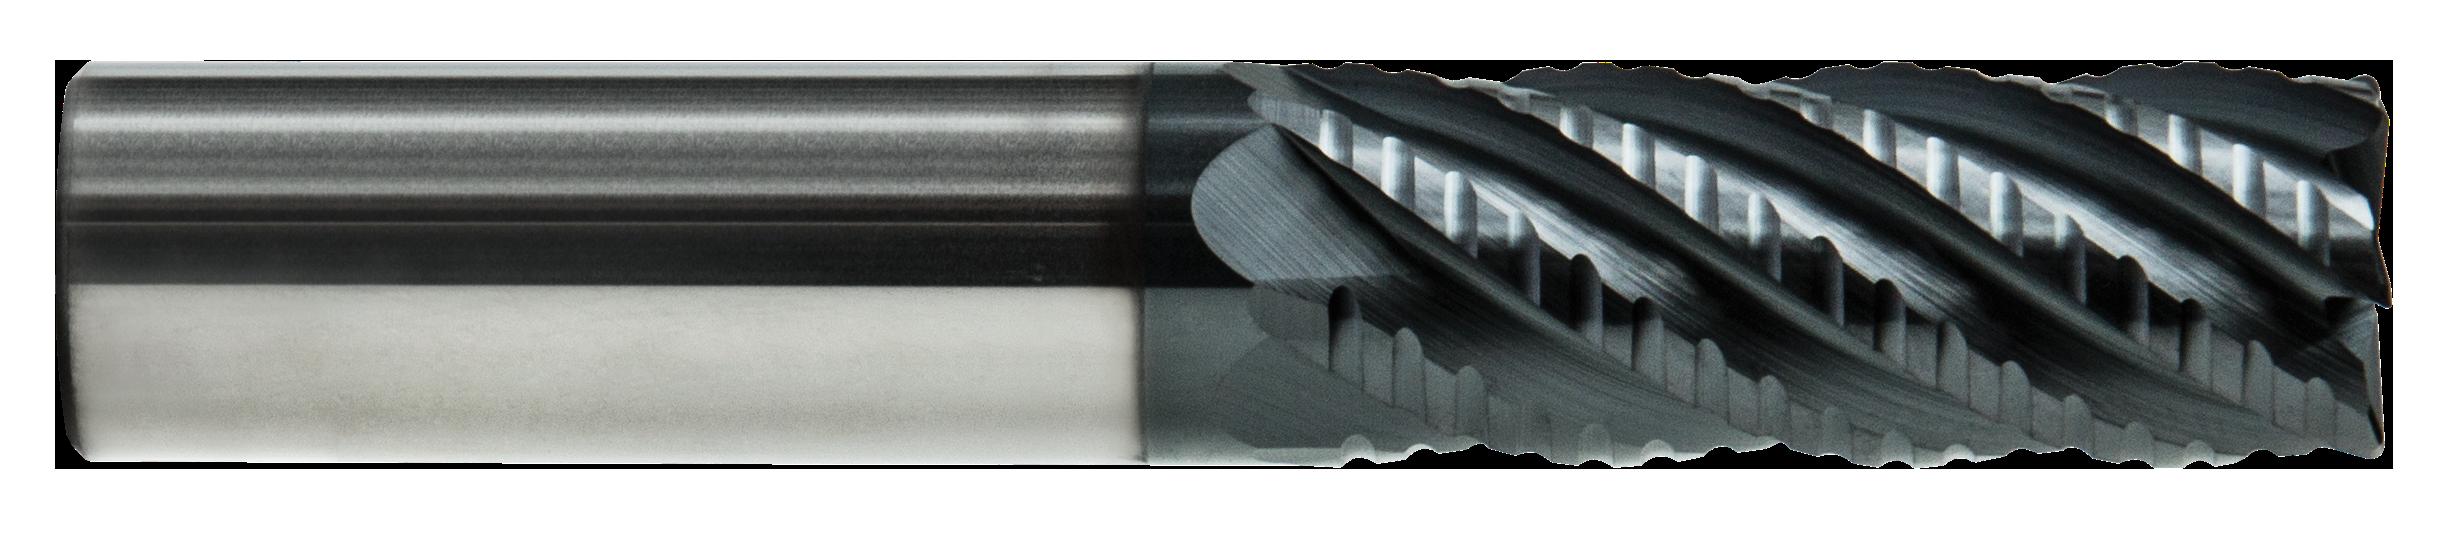 HiTex-C 6 Flute Rougher